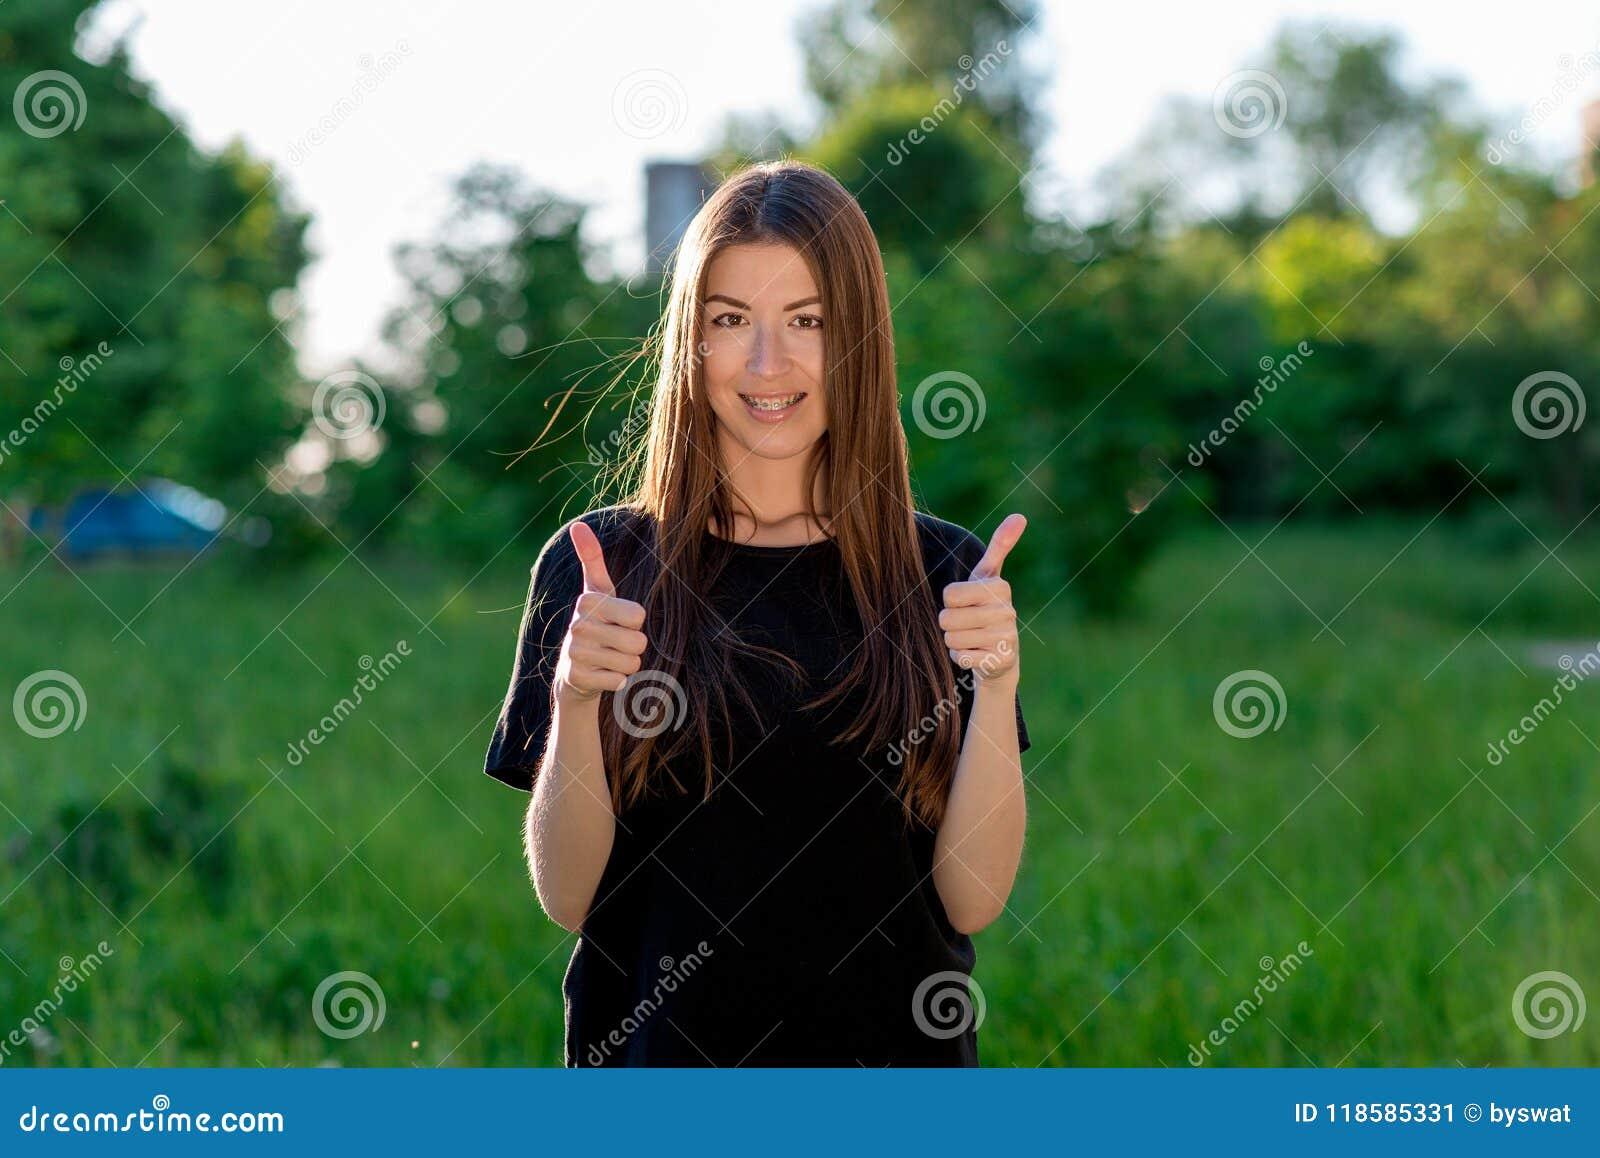 Σκοτεινός-μαλλιαρό καφετής-eyed κορίτσι Ασιάτης Το καλοκαίρι υπαίθρια Δείχνει το δάχτυλό του επάνω και με τα δύο χέρια Συγκίνηση